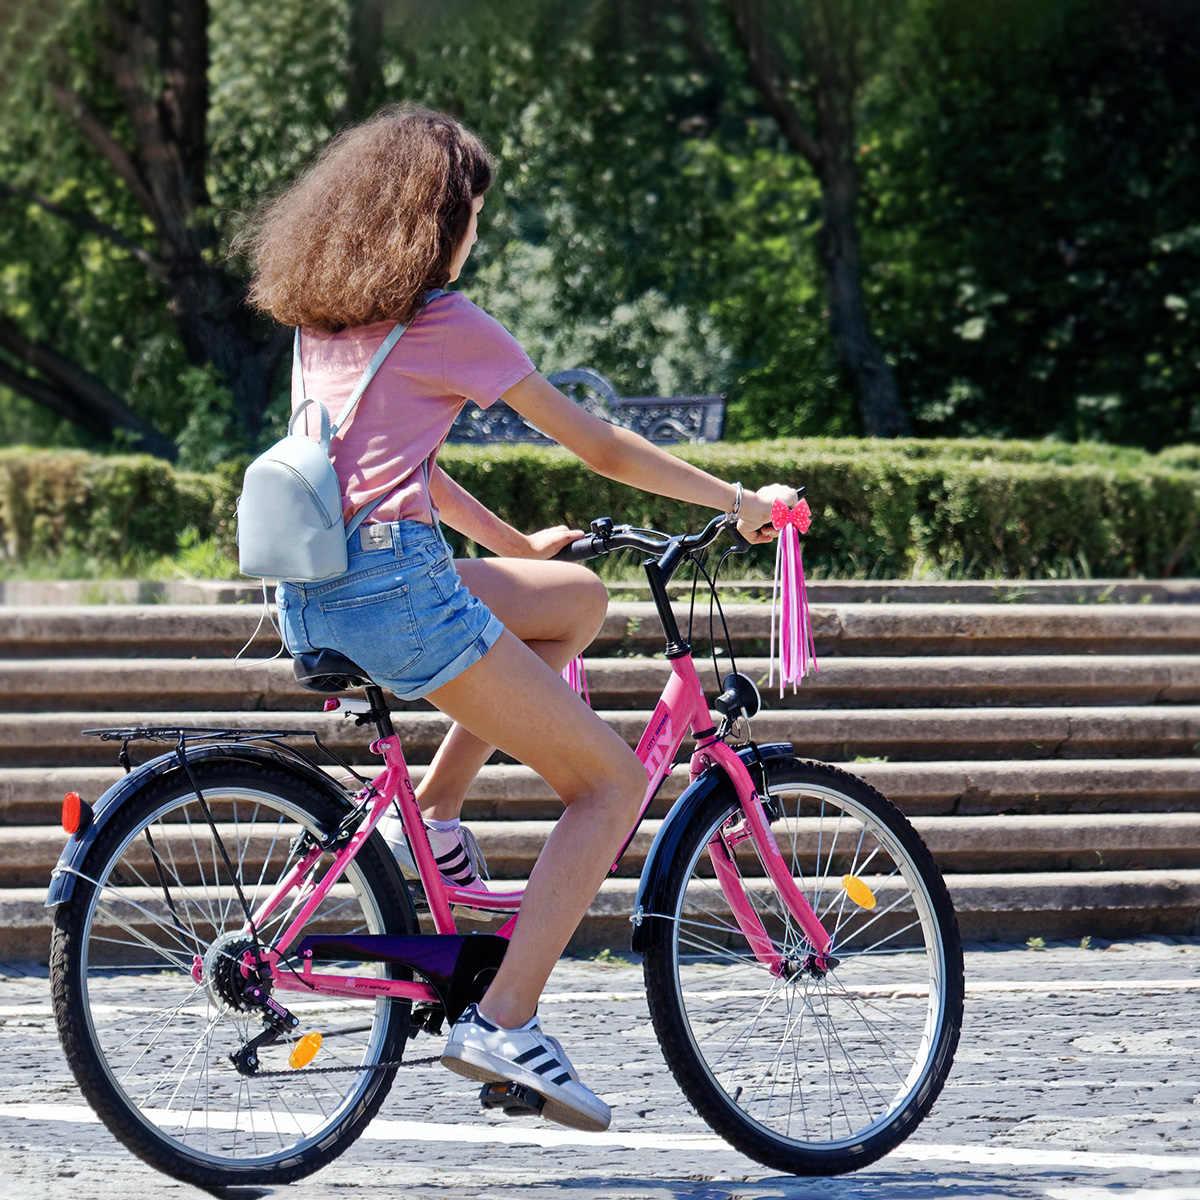 子供バイク吹流し自転車ハンドルリボン子供スクータータッセル Bisiklet Aksesuar バイク吹流し女の子バイクハンドルおもちゃ